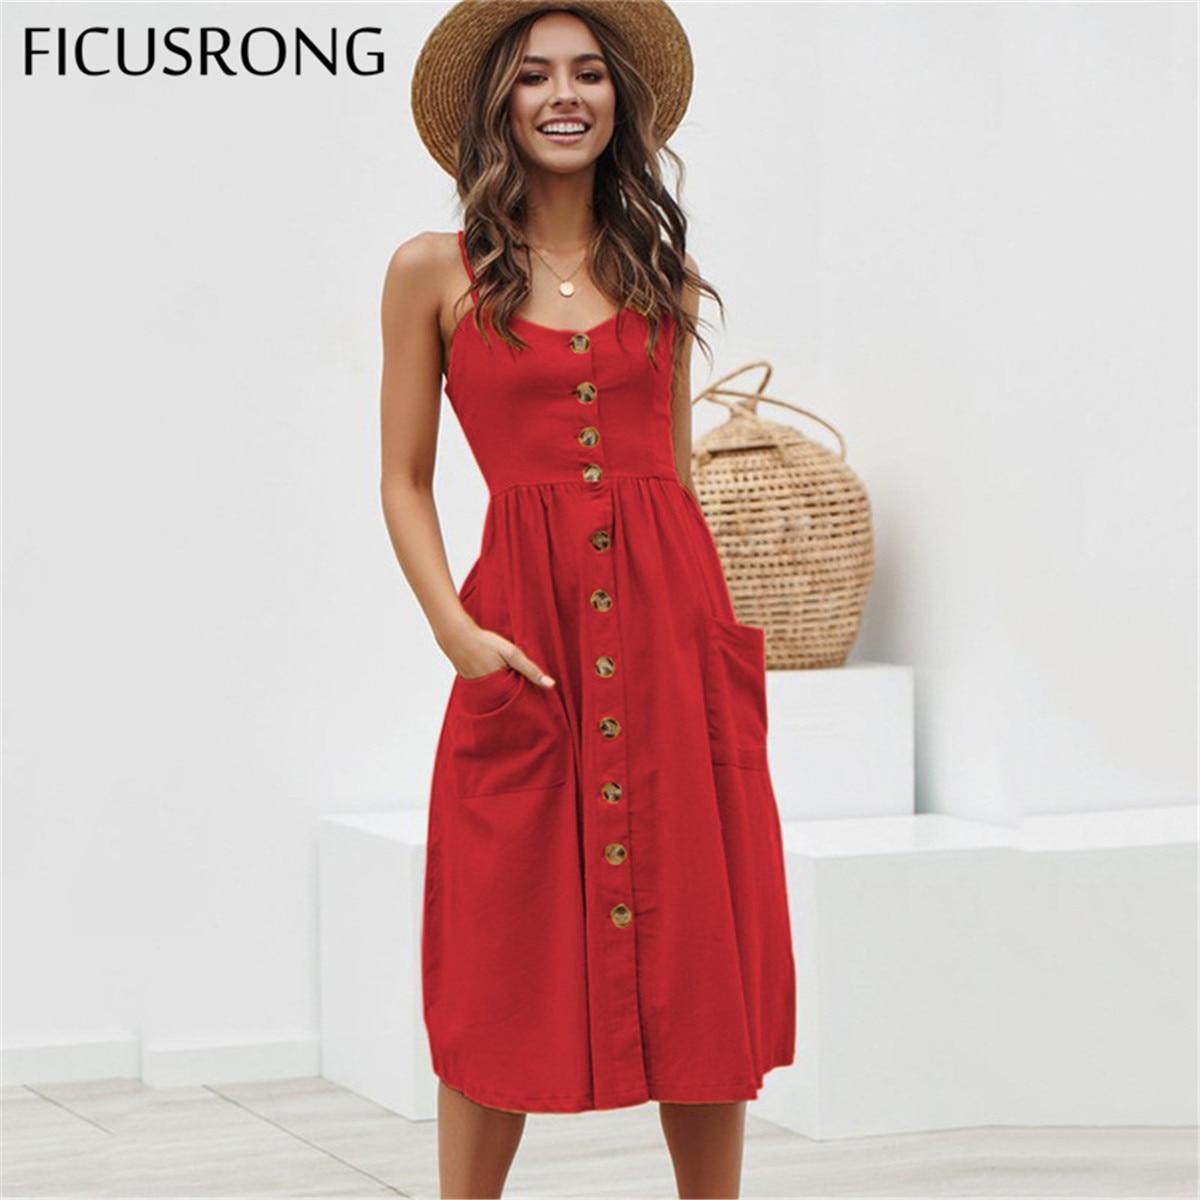 Женское платье на кнопках, красное хлопковое платье средней длины в горошек на лето 2020, повседневное пляжное платье большого размера